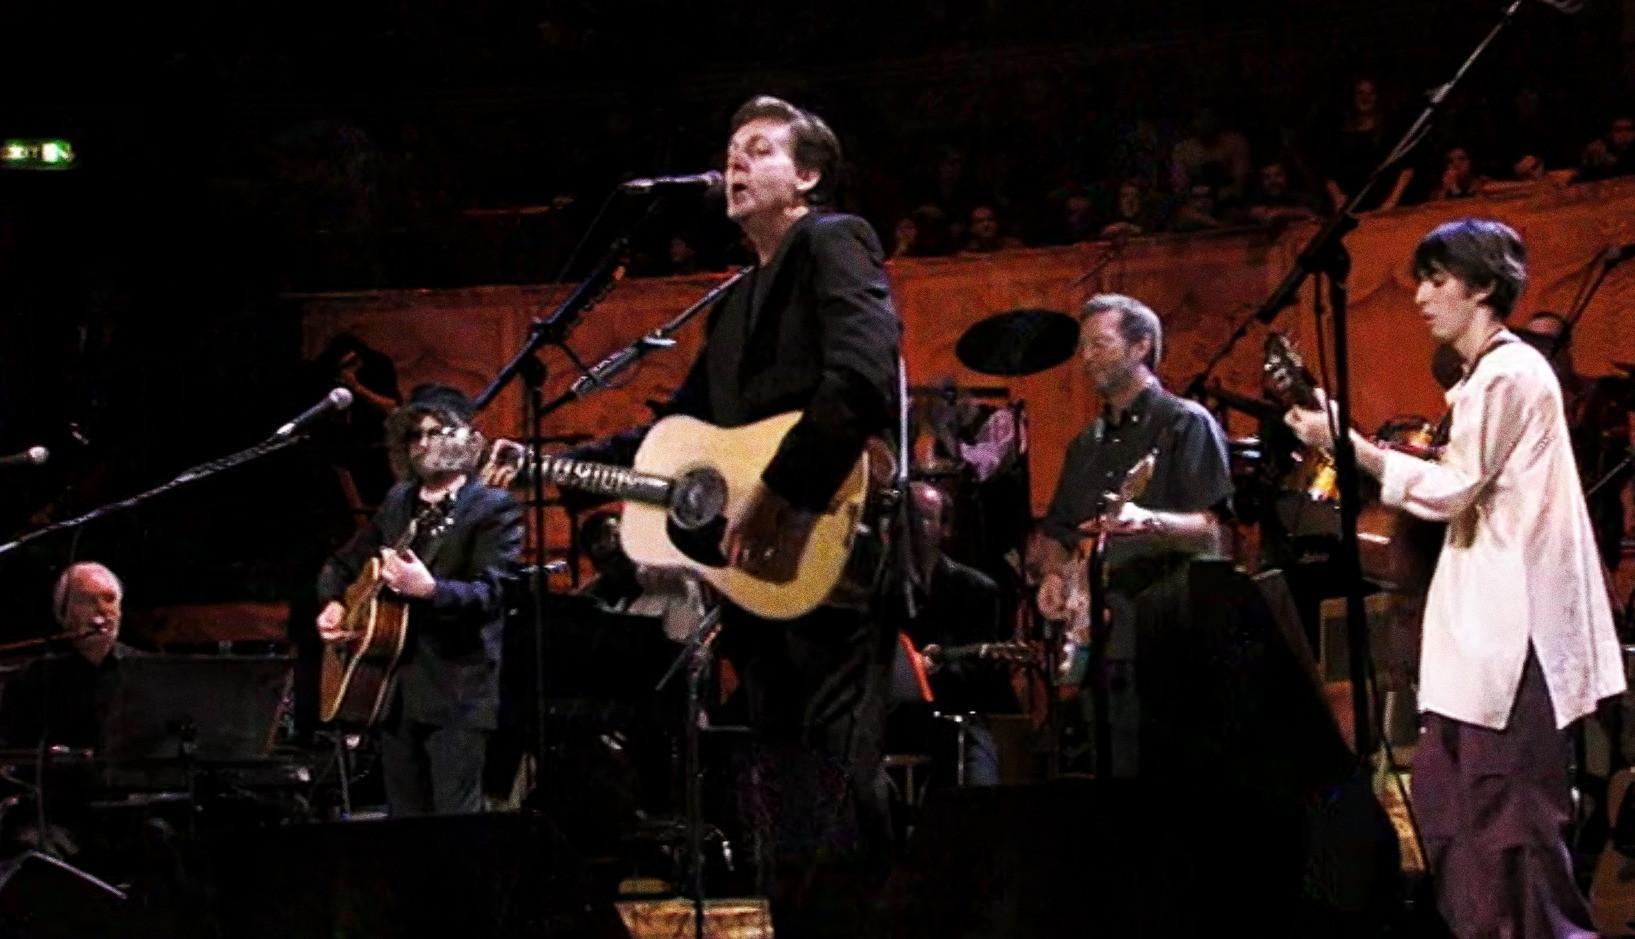 Concert for George смотреть фото